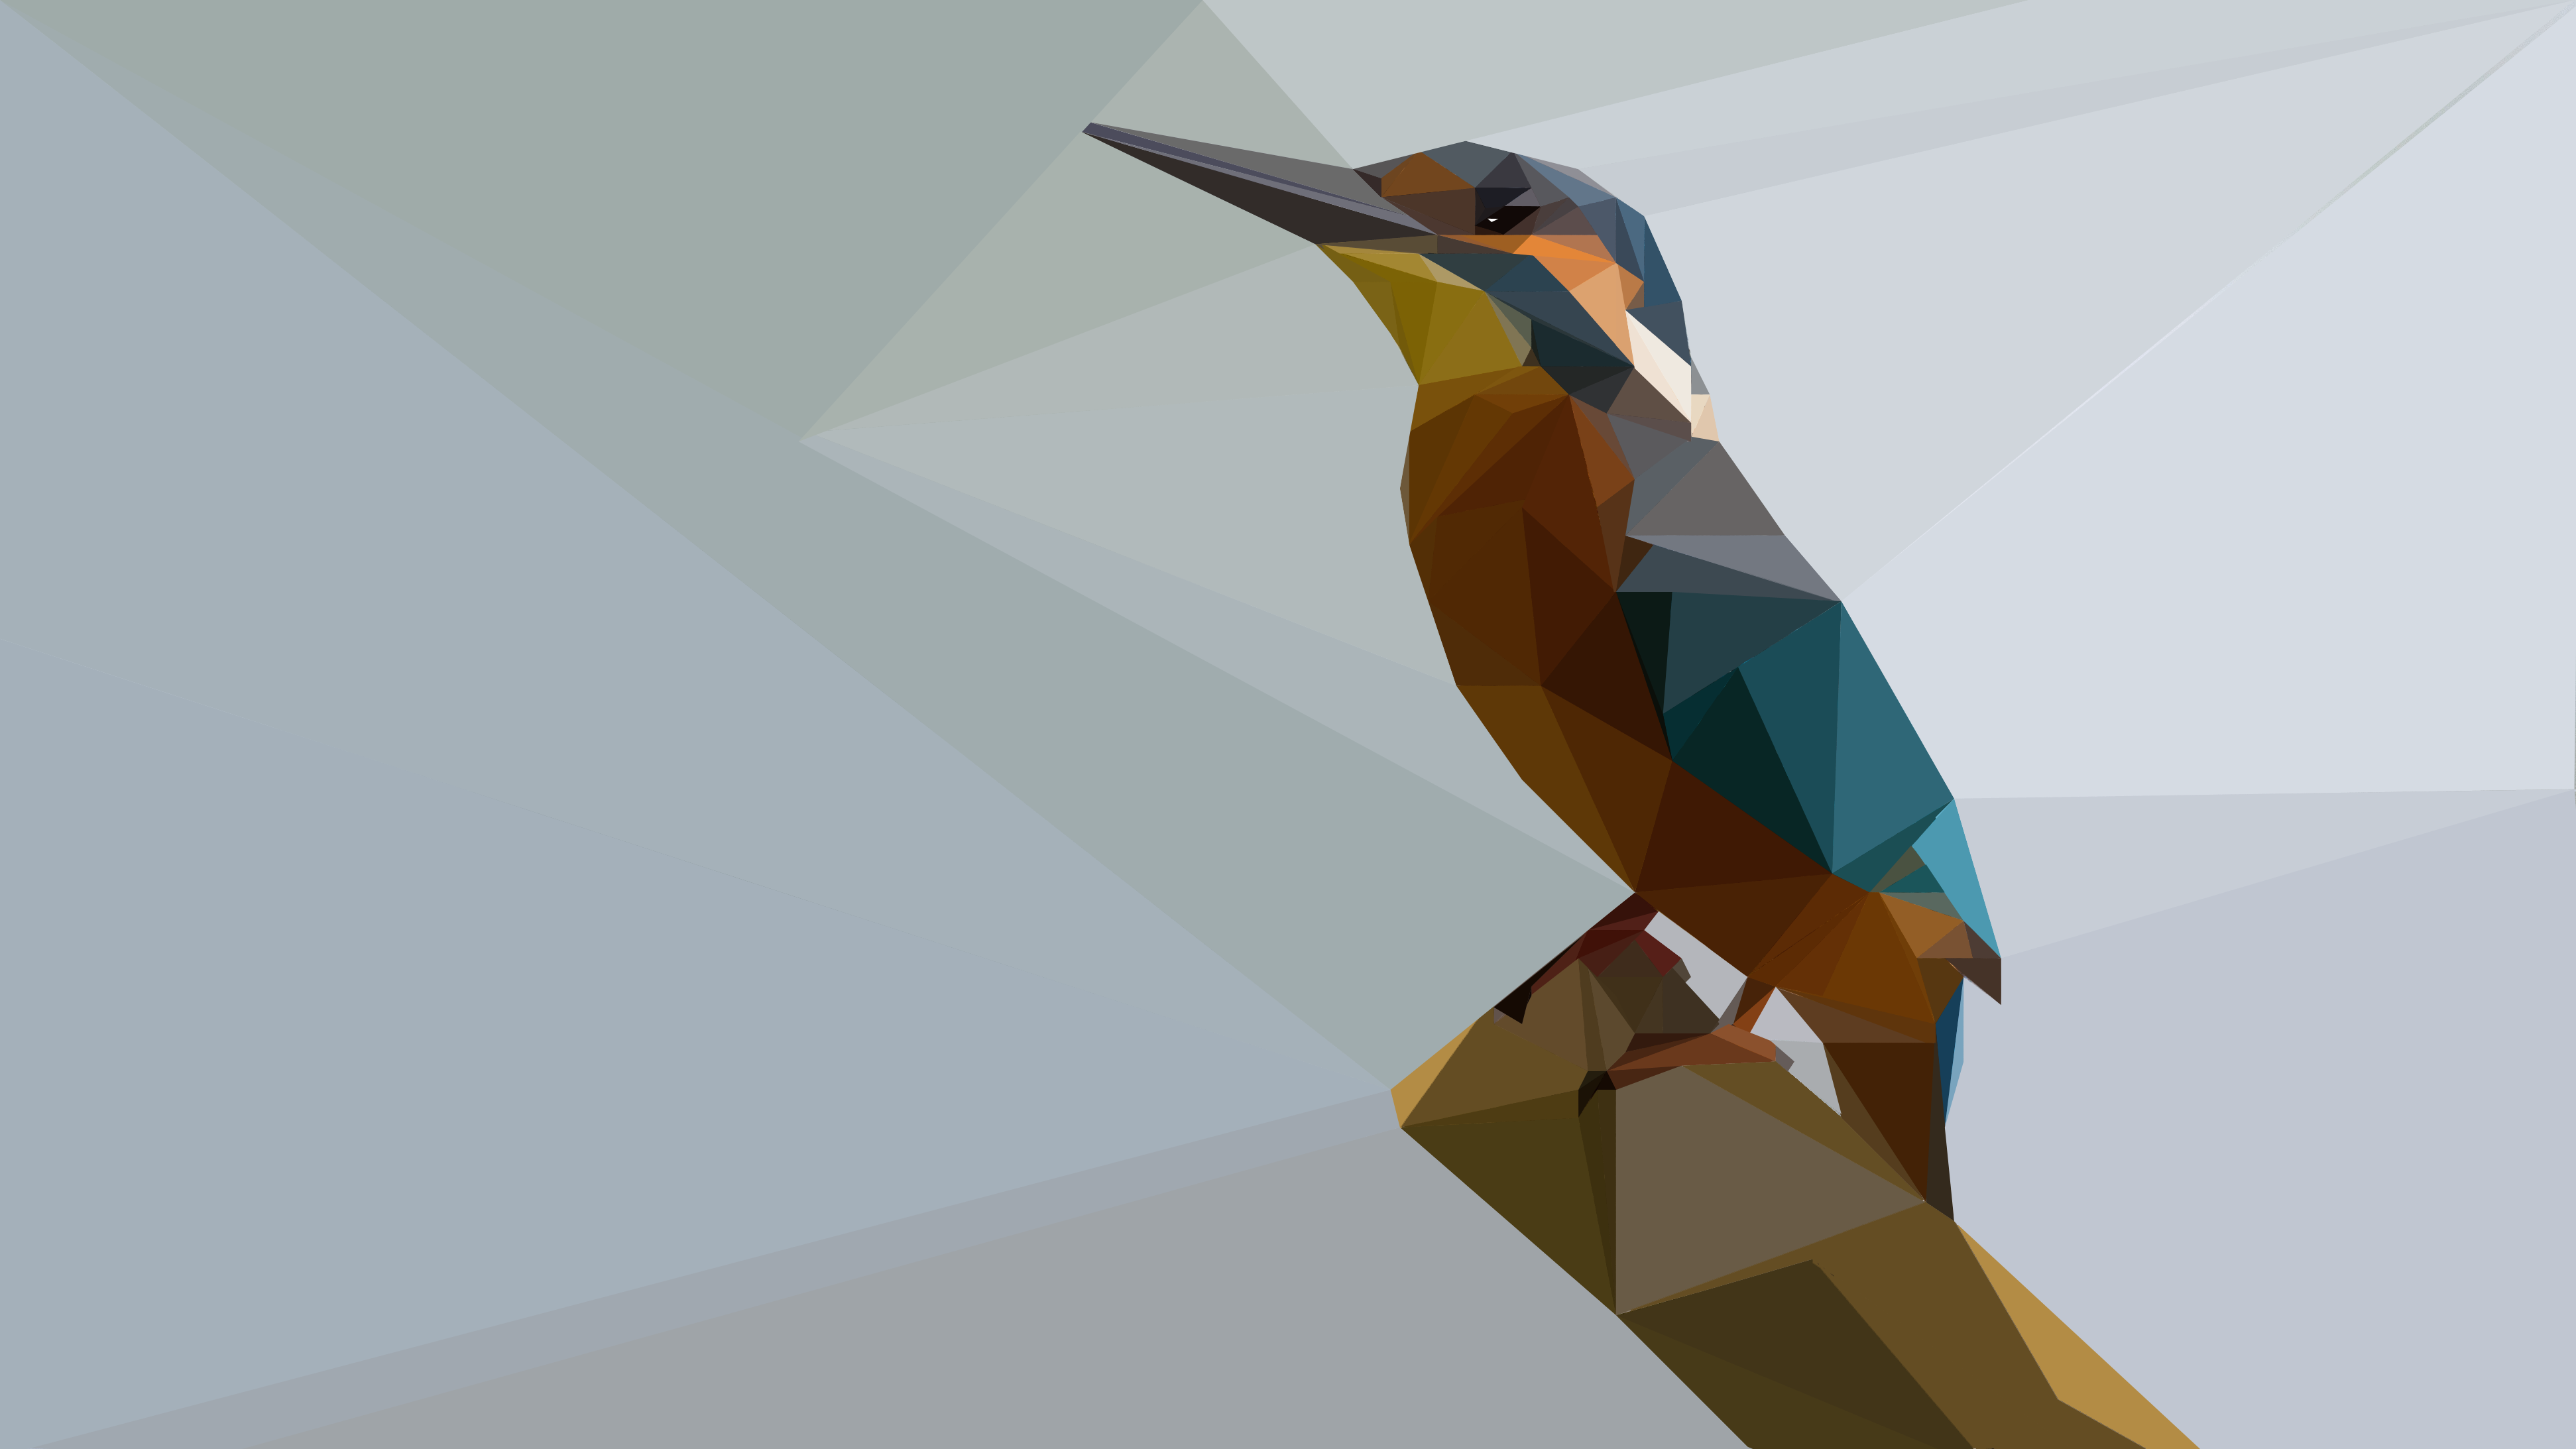 Download Wallpaper Bird Minimalist - 785871  Pictures_70548.png